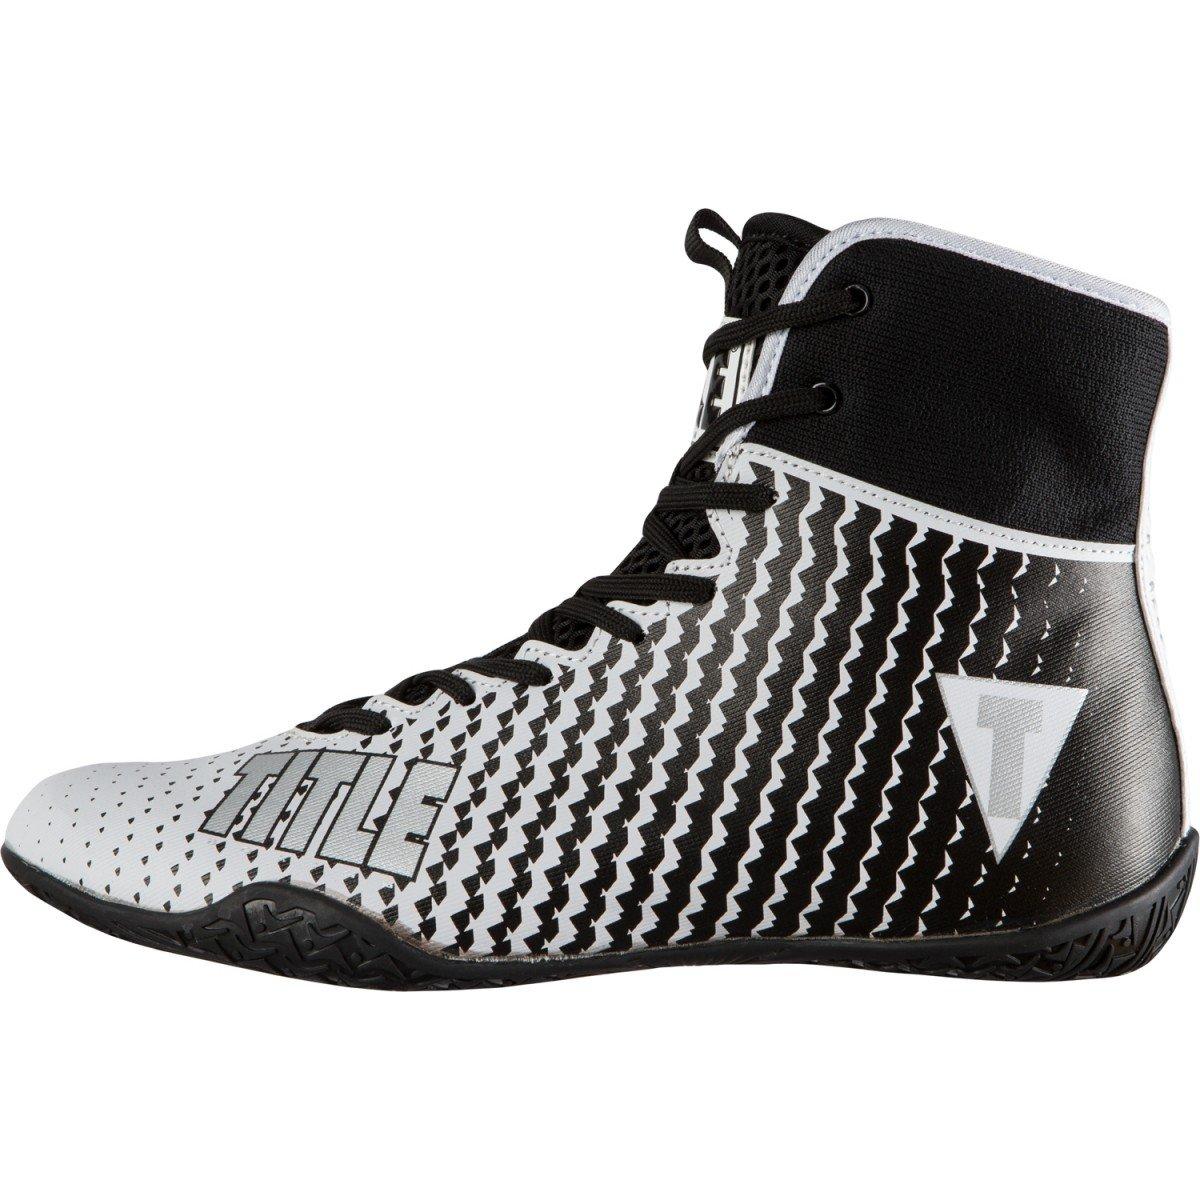 タイトルPredator II Boxing Shoes B074XF1TQJ 7|Whtie/Black Whtie/Black 7